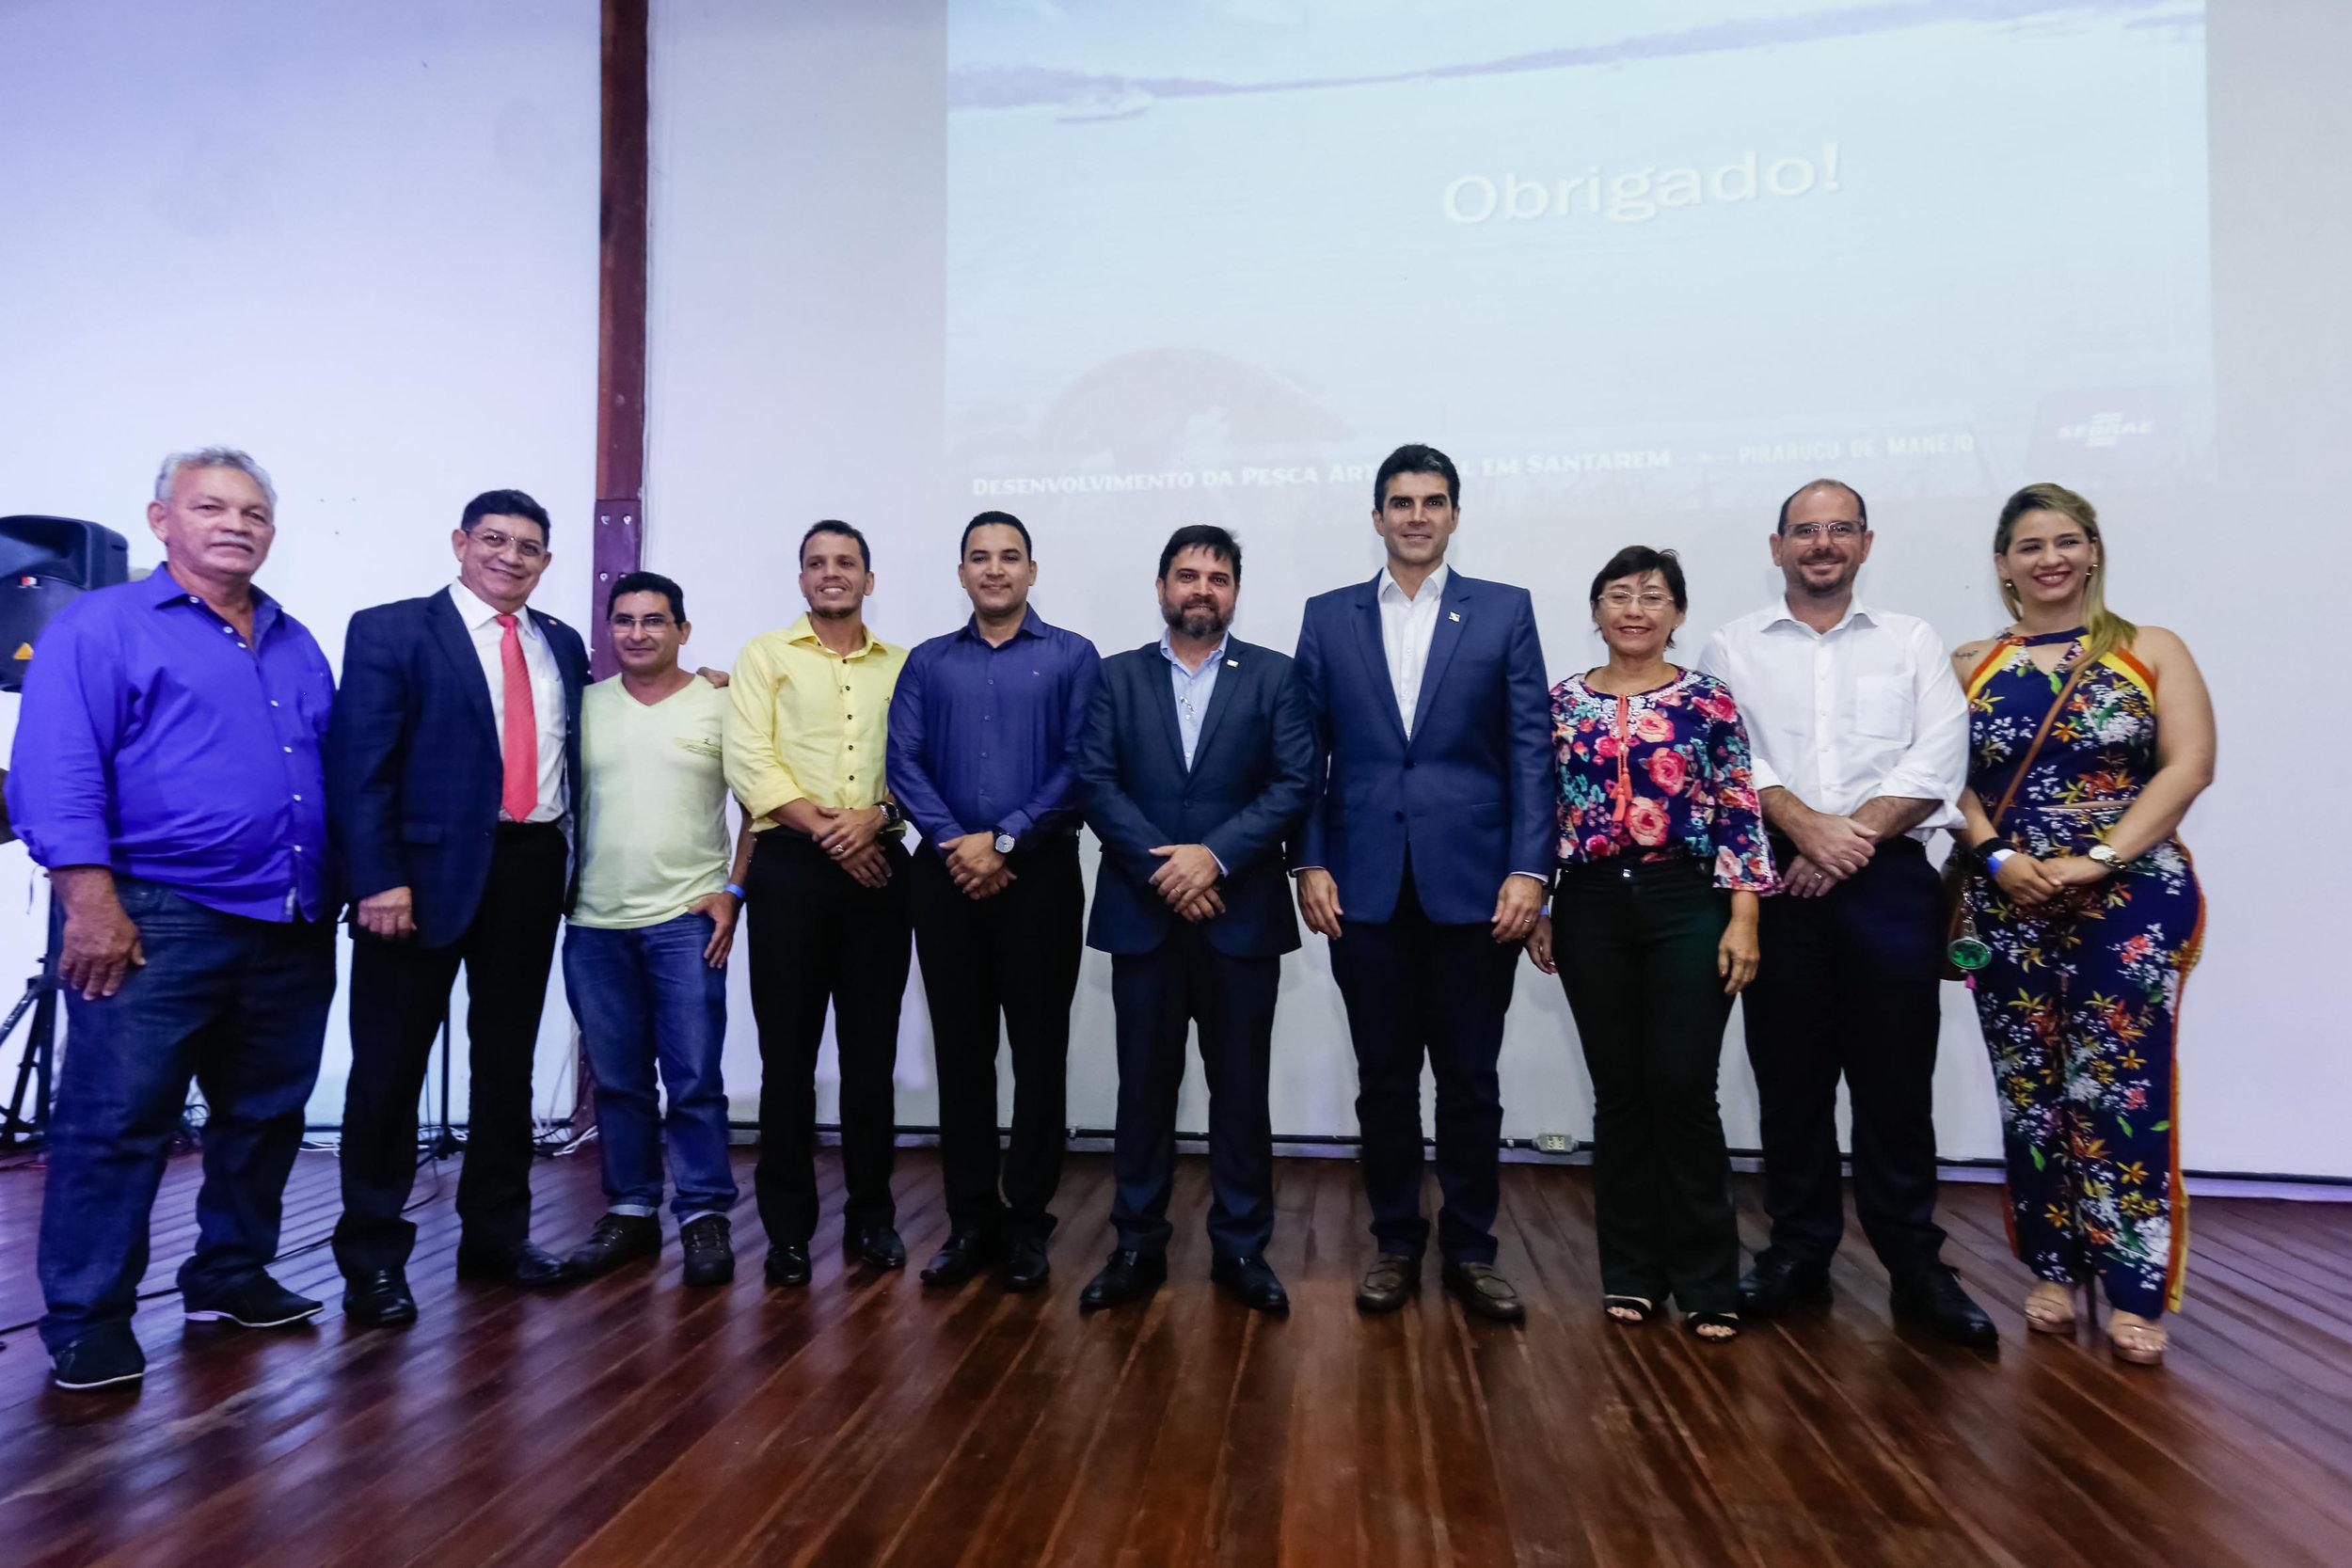 Foto: Agencia Pará